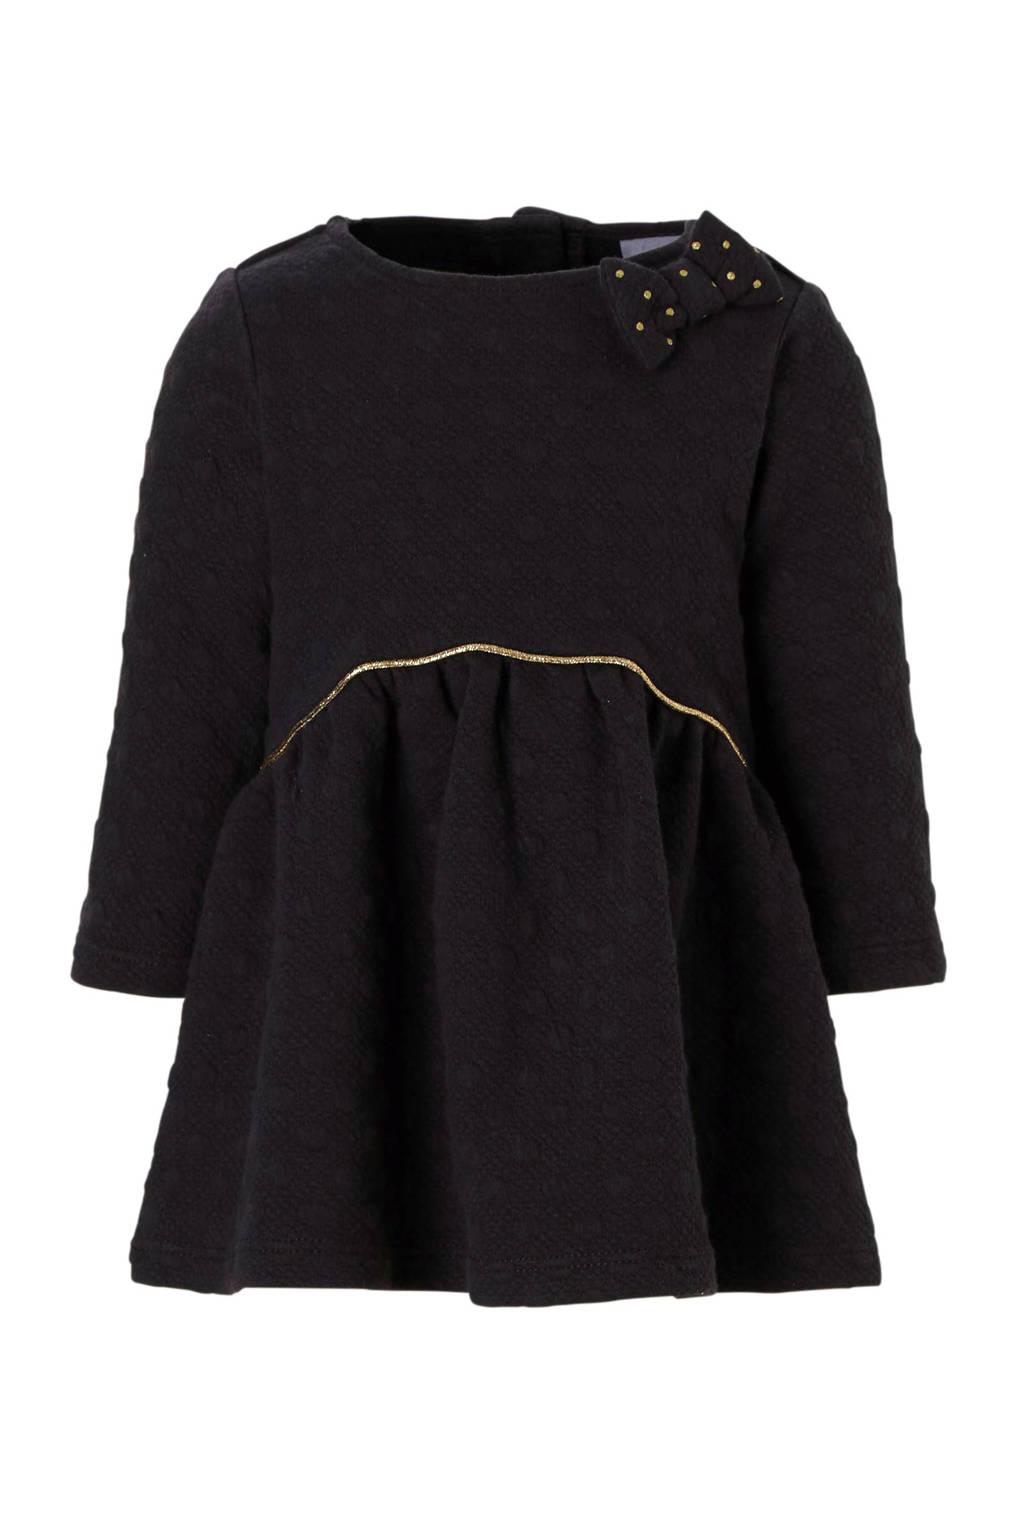 C&A Baby Club jurk met stippentextuur zwart, Zwart